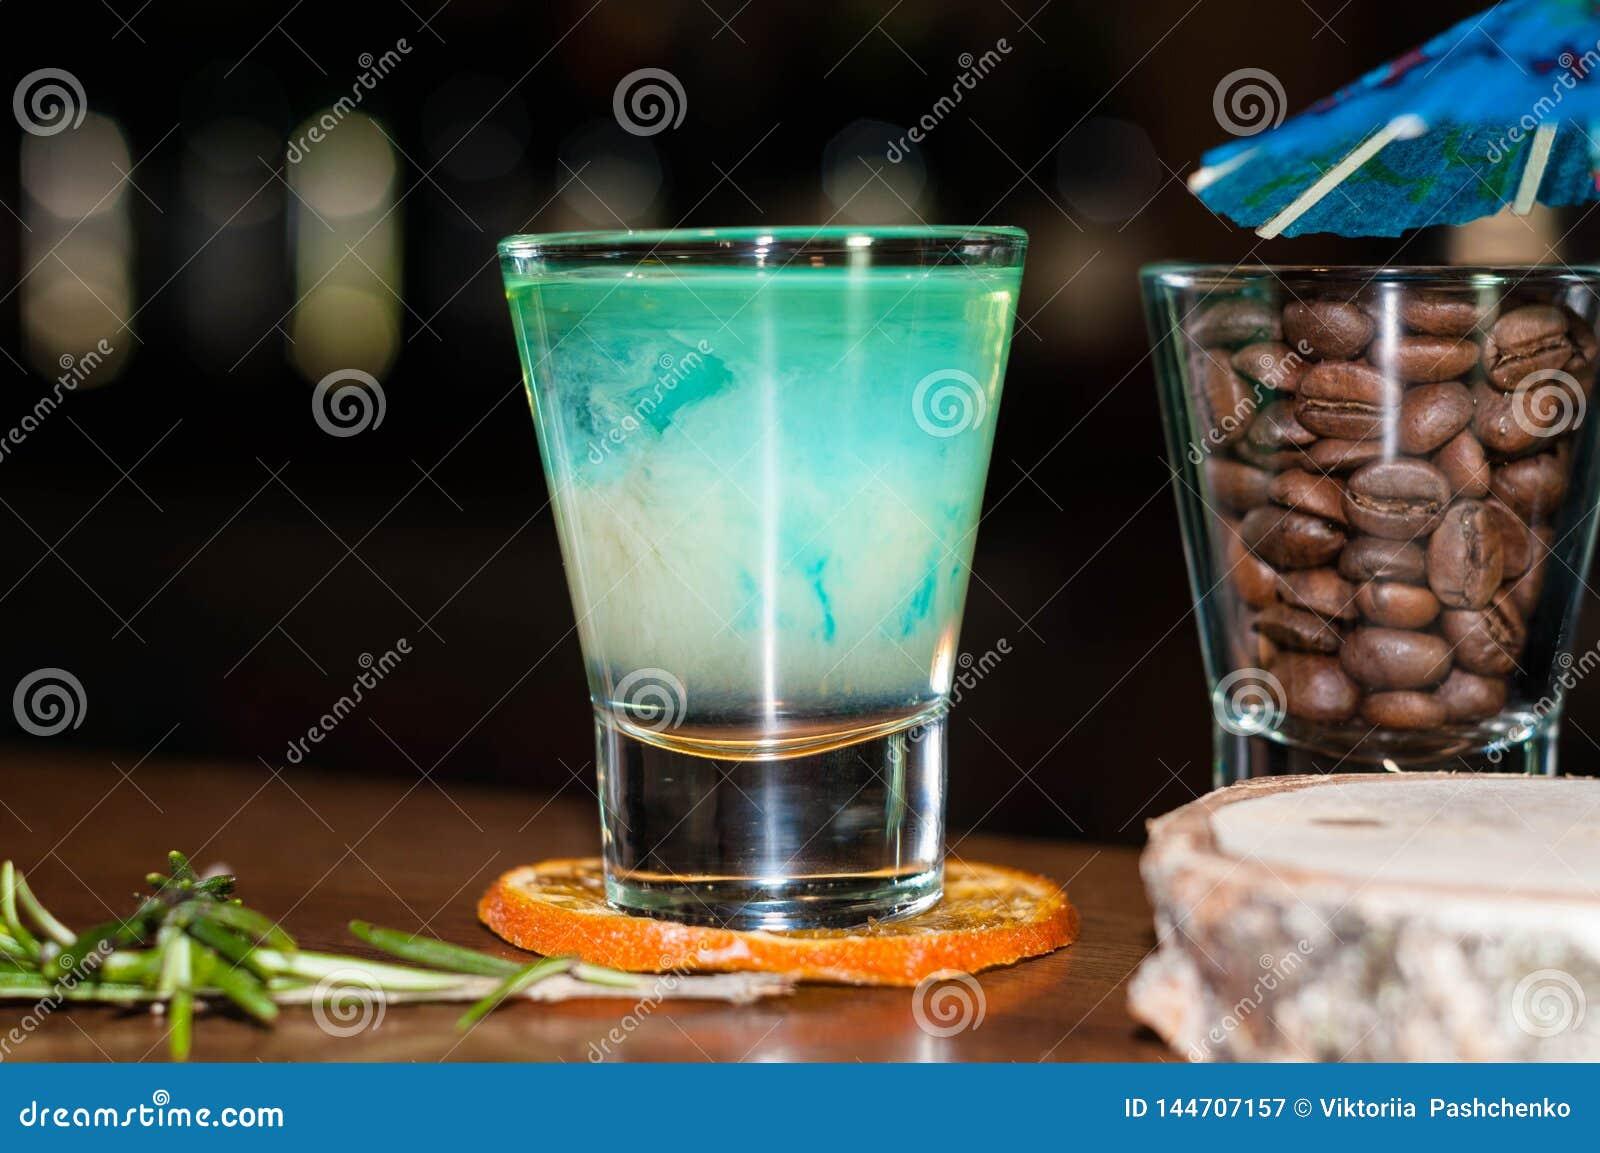 Vaso de medida con la bebida azul del alcohol en rebanada anaranjada secada con romero cerca del vidrio con los granos de café